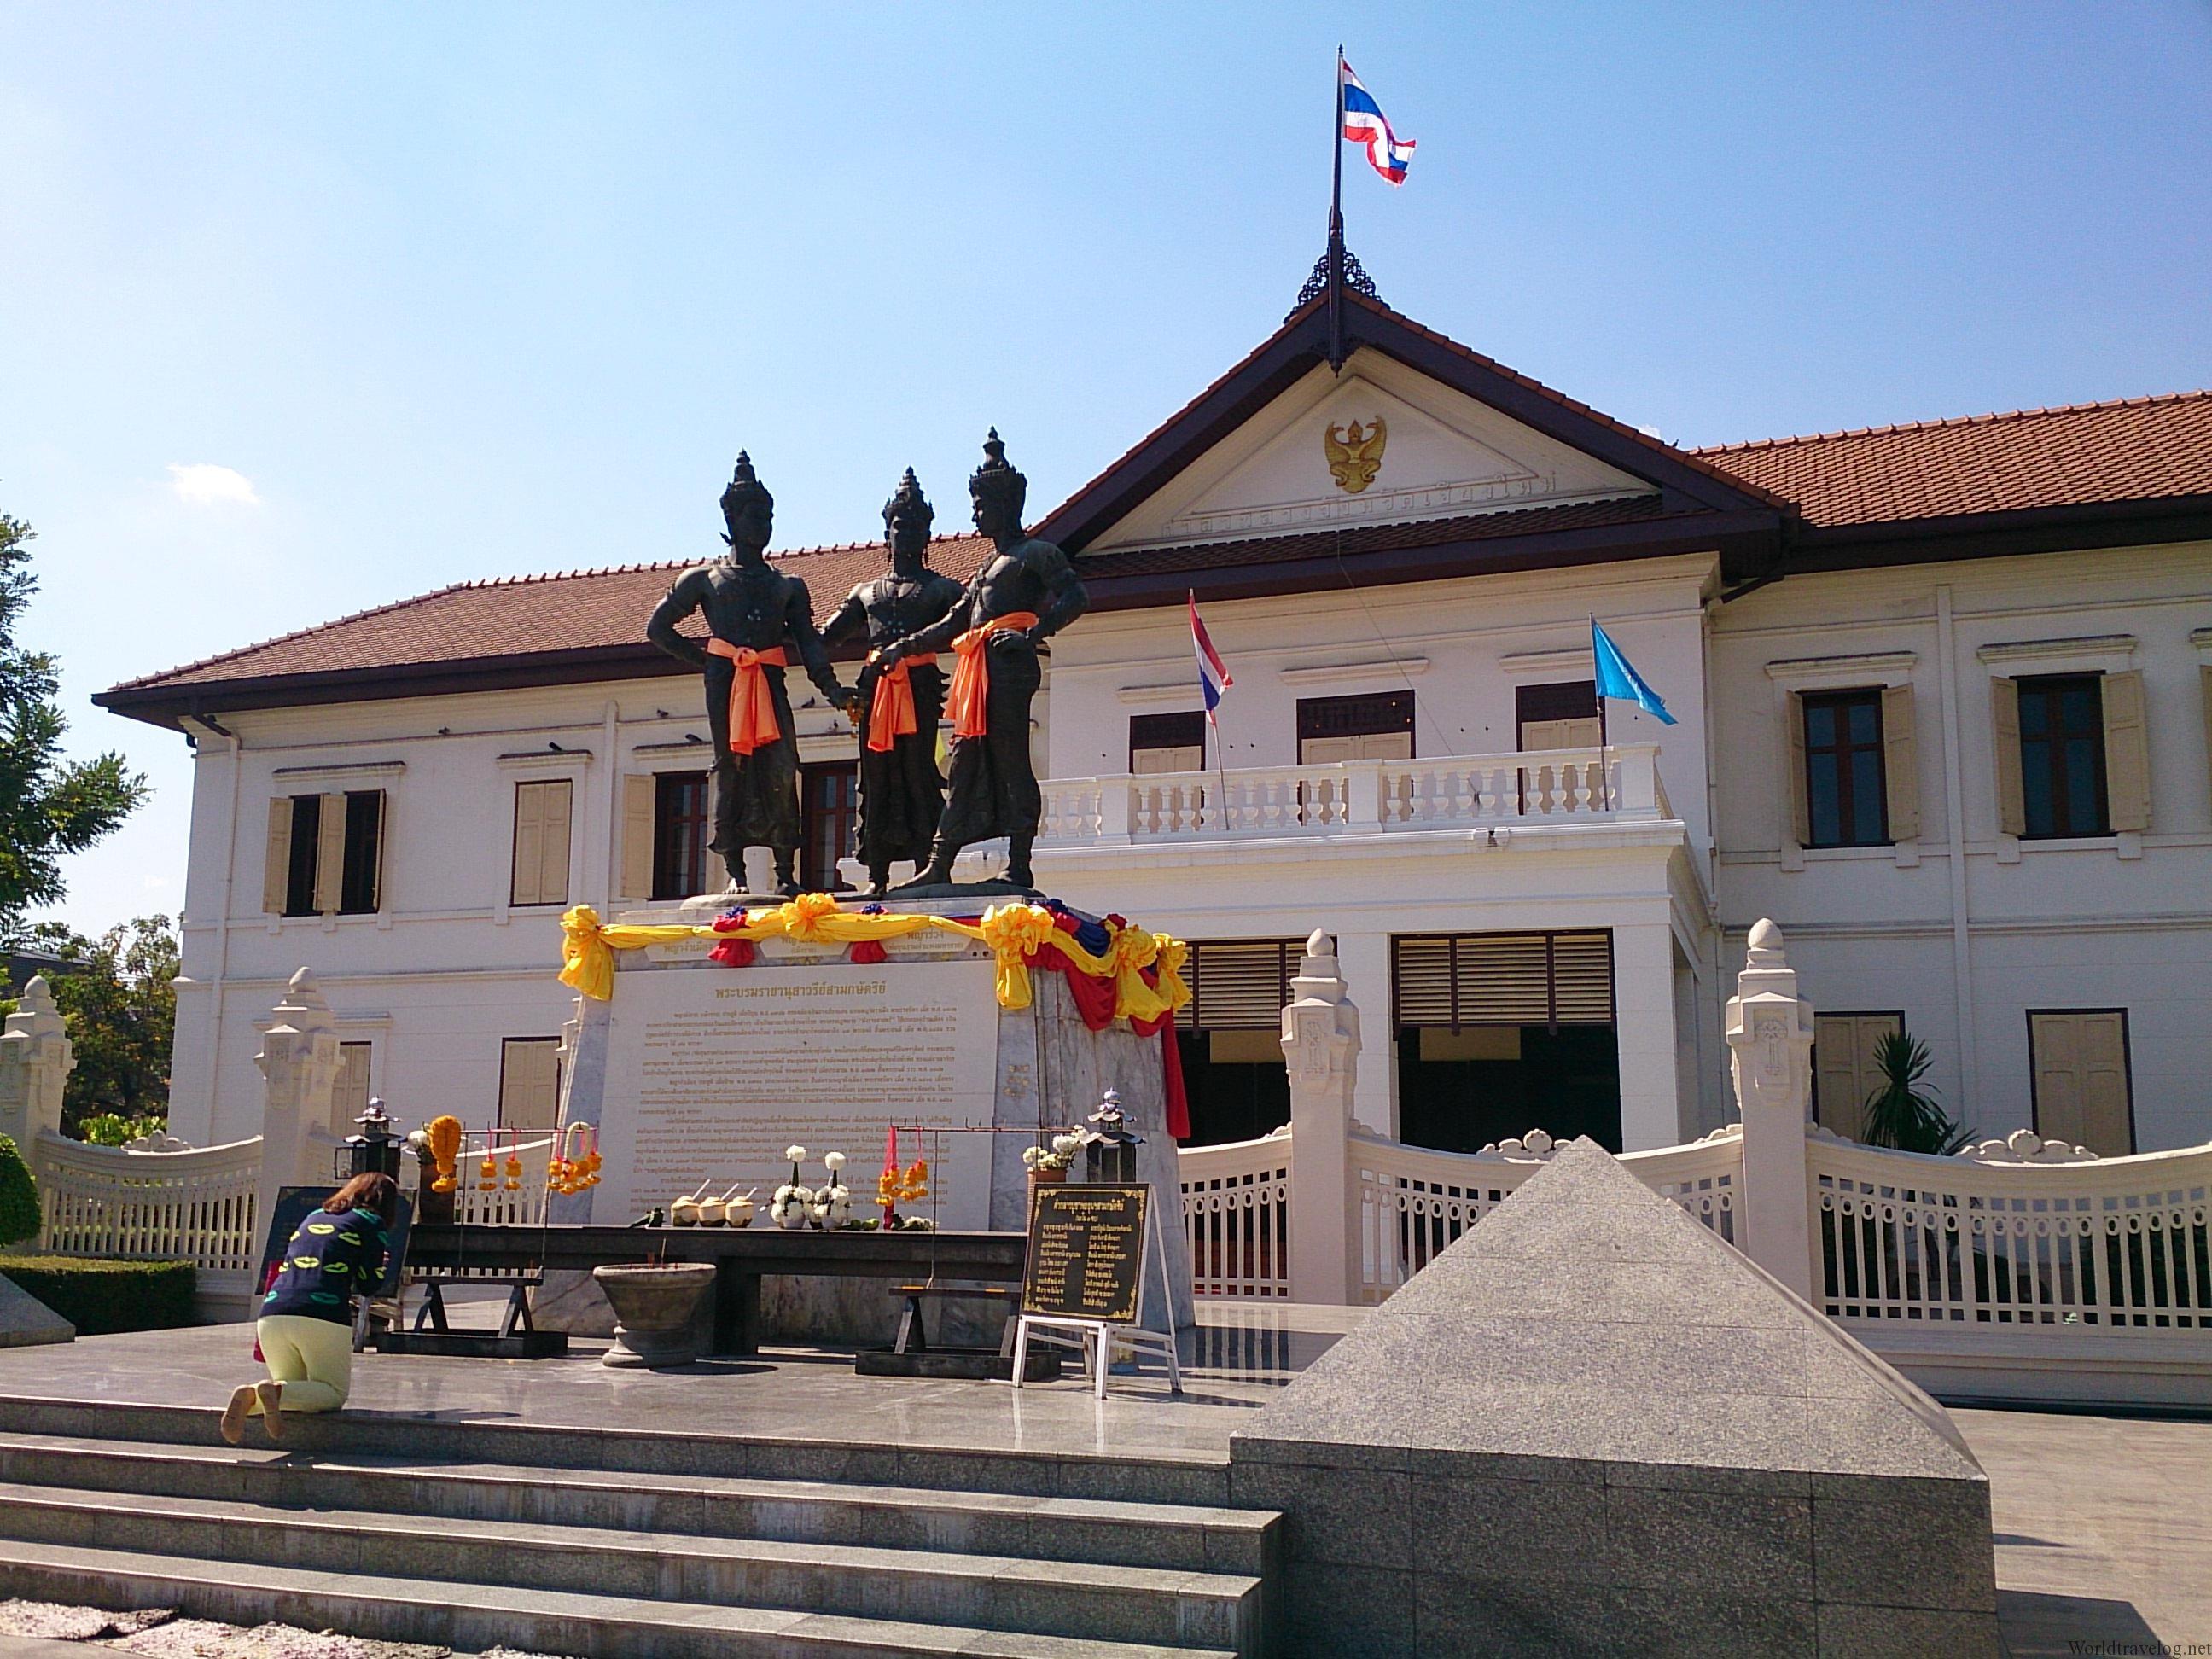 チェンマイ市芸術文化センターで北タイの歴史文化を学ぶ